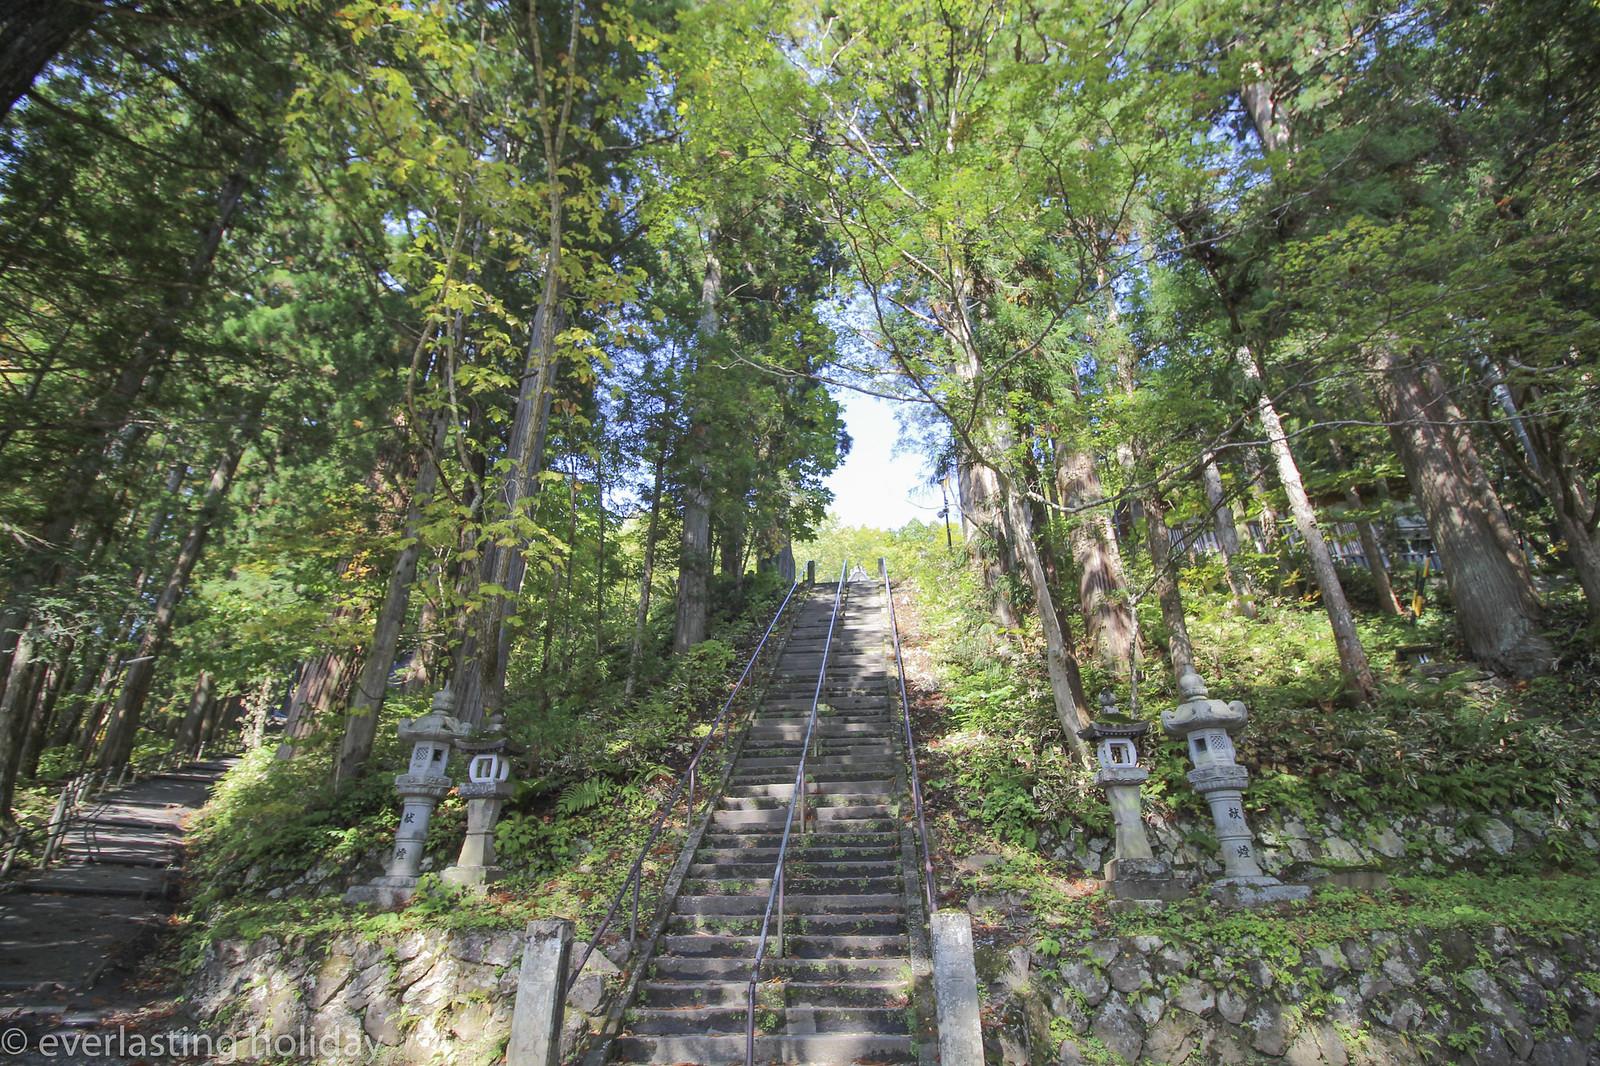 戸隠神社 Togakushi-jinja Shrine-0007